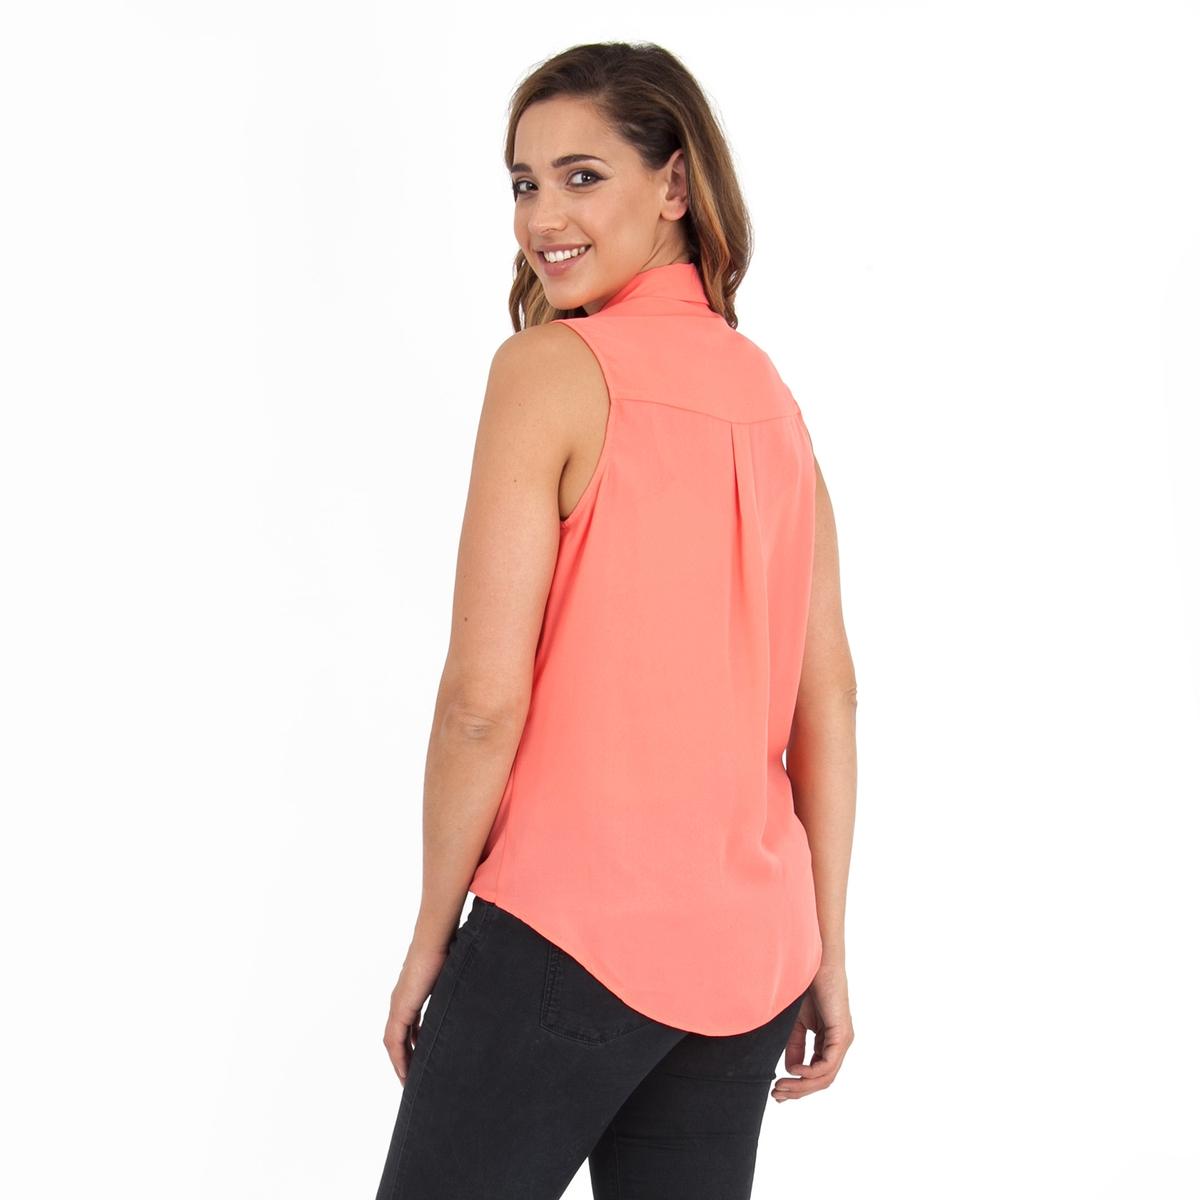 БлузкаБлузка без рукавов KOKO BY KOKO. Рубашечный воротник. Эффект драпировки. 100% полиэстер<br><br>Цвет: коралловый<br>Размер: 58/60 (FR) - 64/66 (RUS)